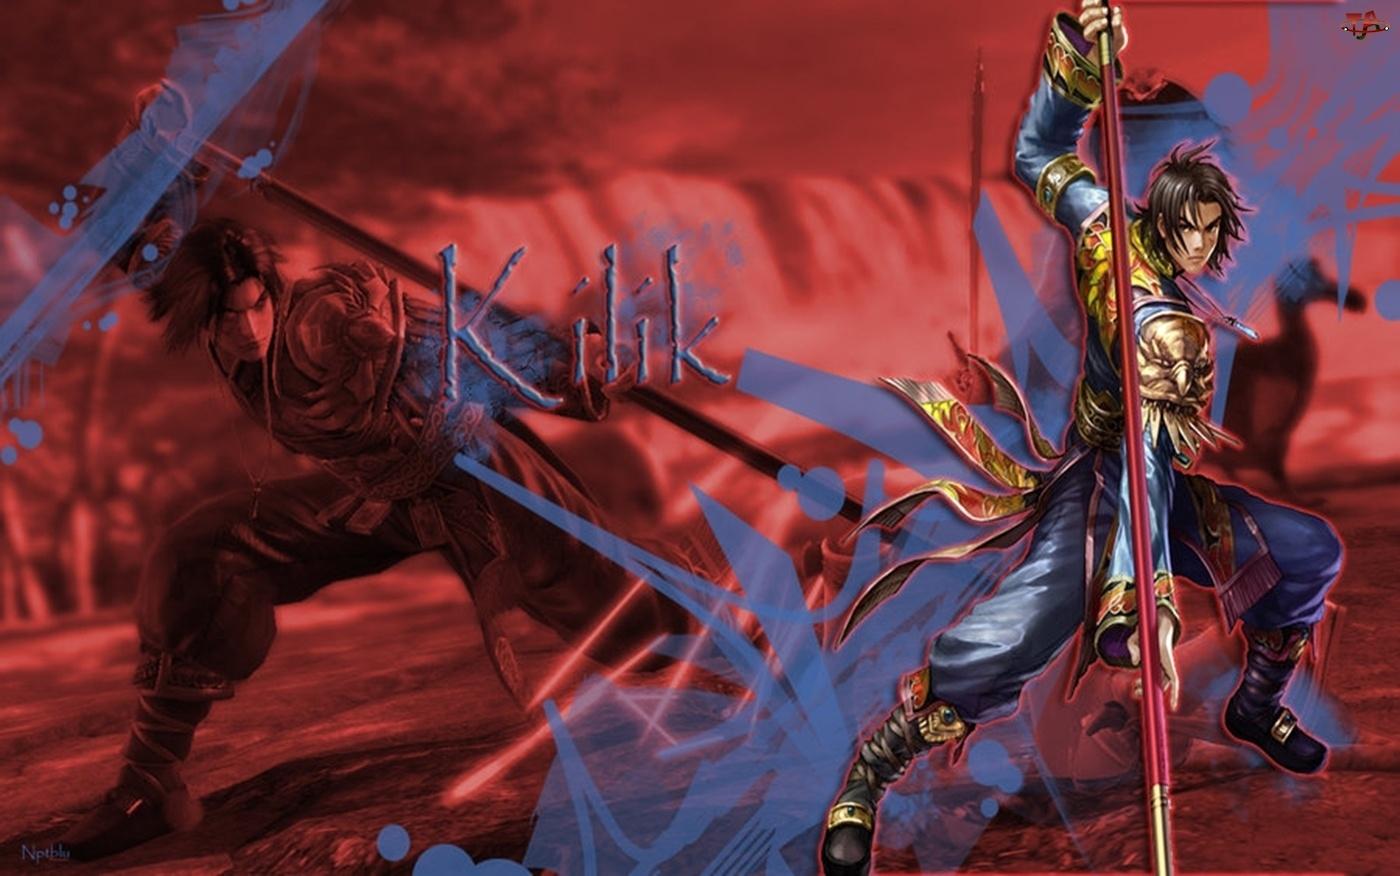 Soul Calibur IV, Kilik